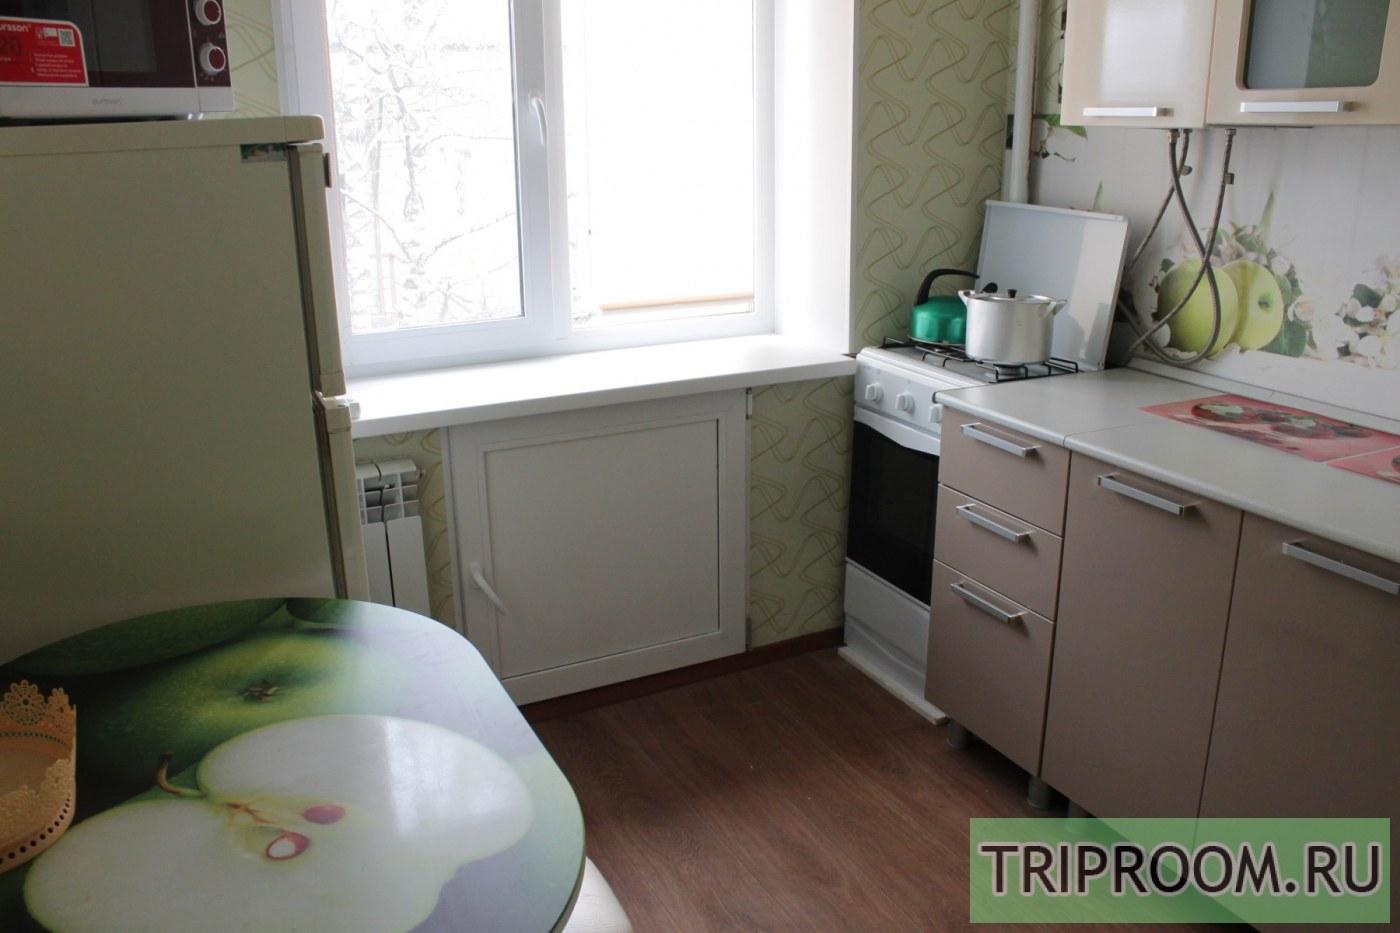 2-комнатная квартира посуточно (вариант № 40137), ул. Новоузенская улица, фото № 6